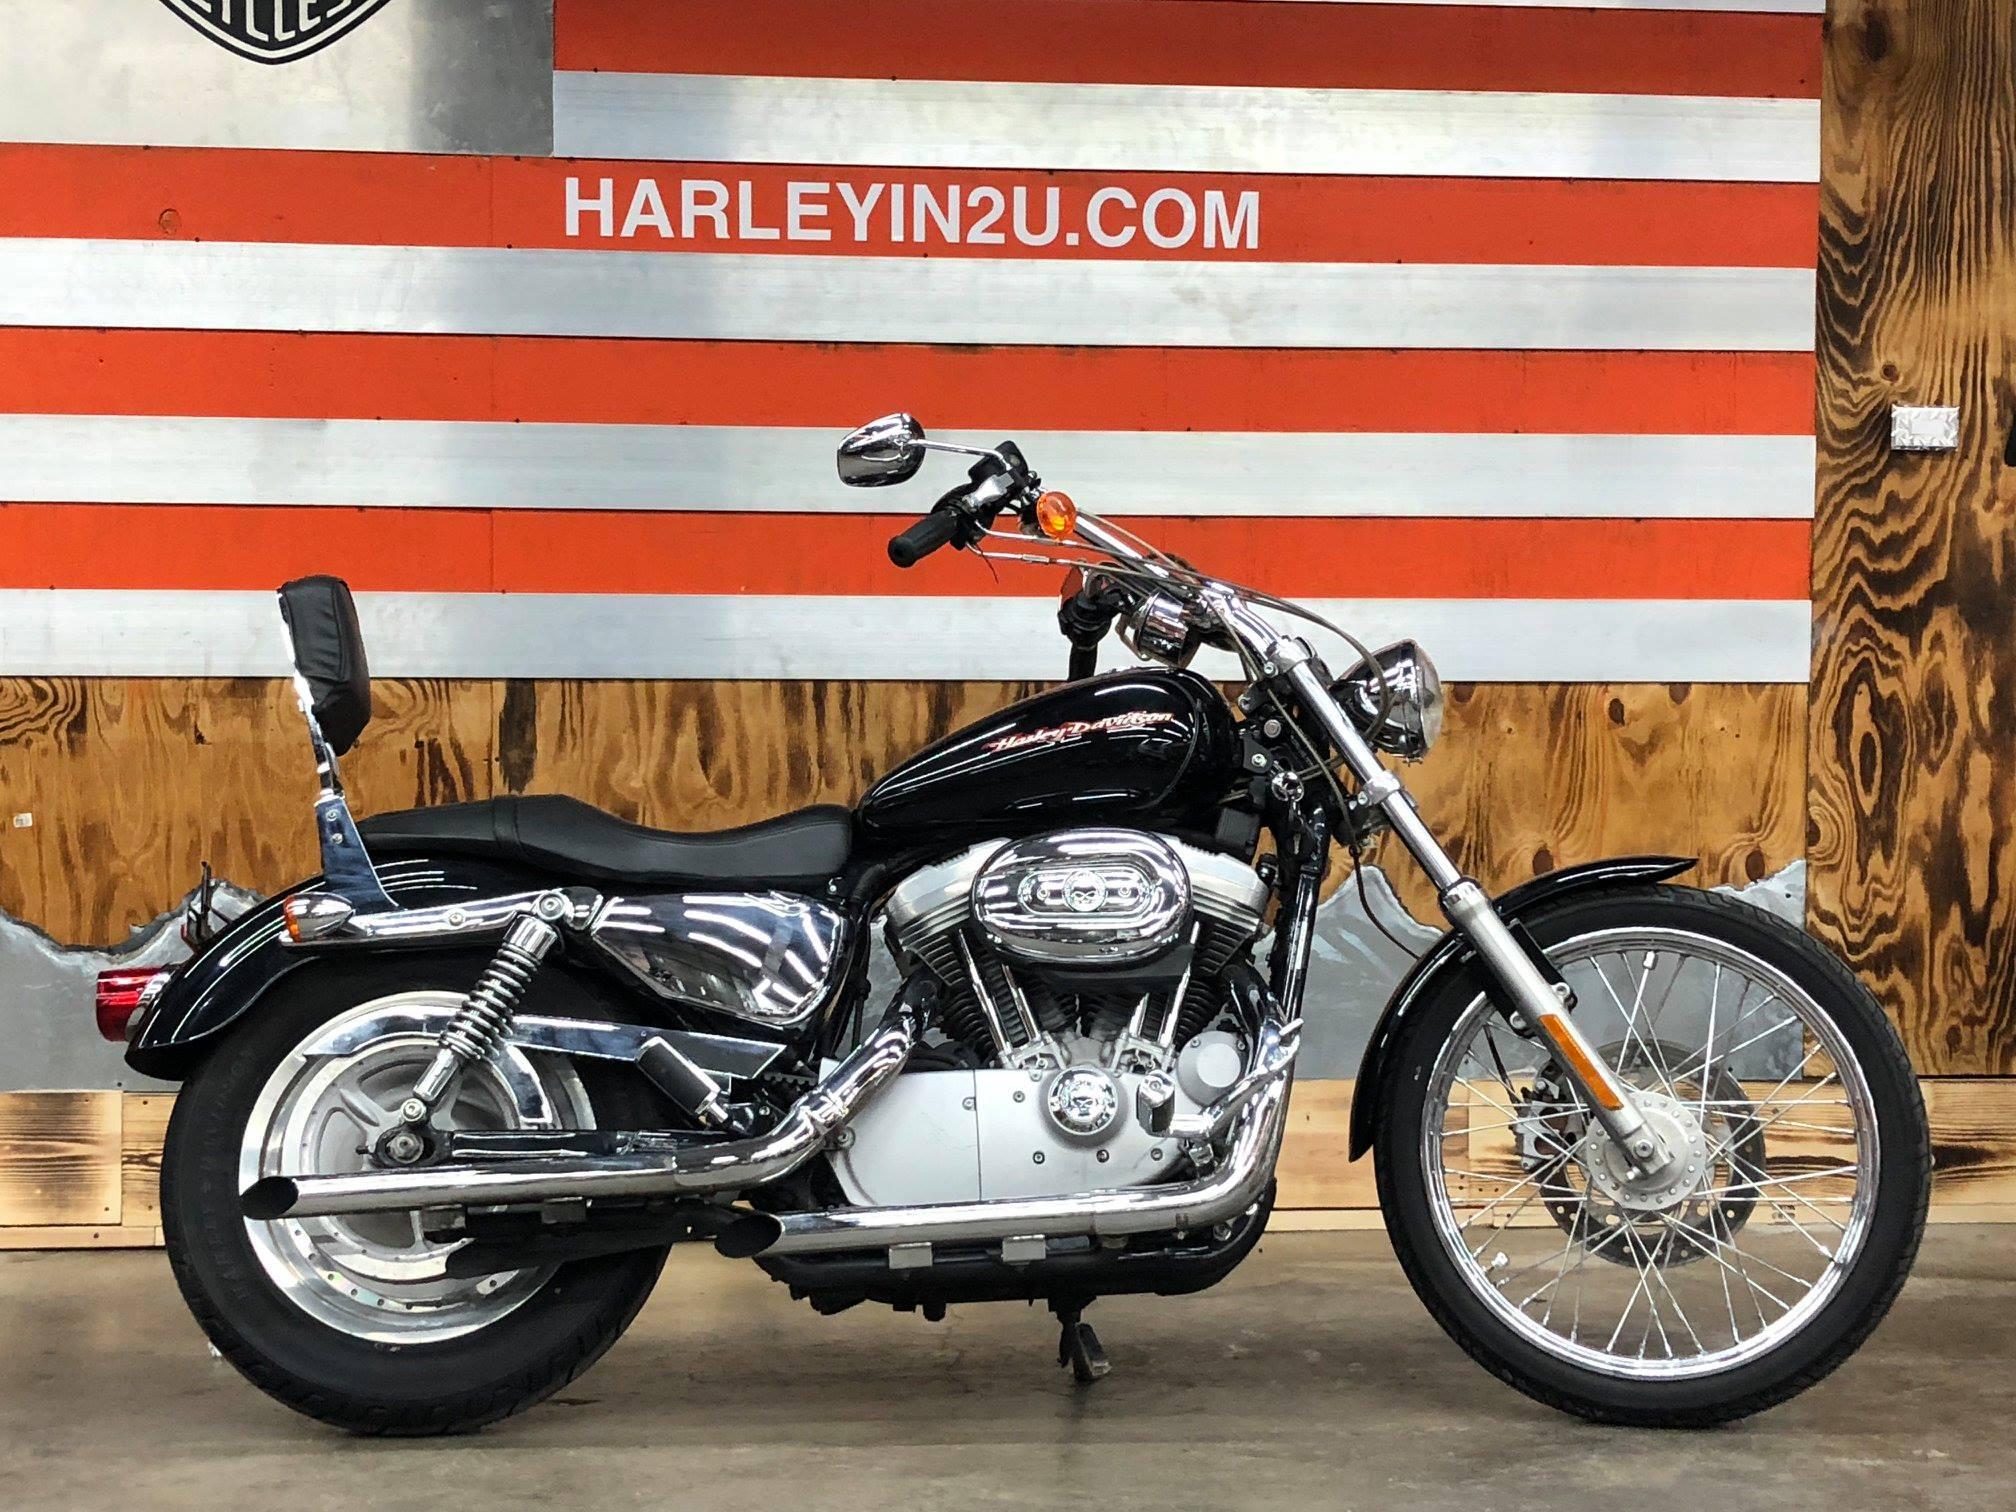 Harley | Houston | Windnwheels - Motorcycle Sales